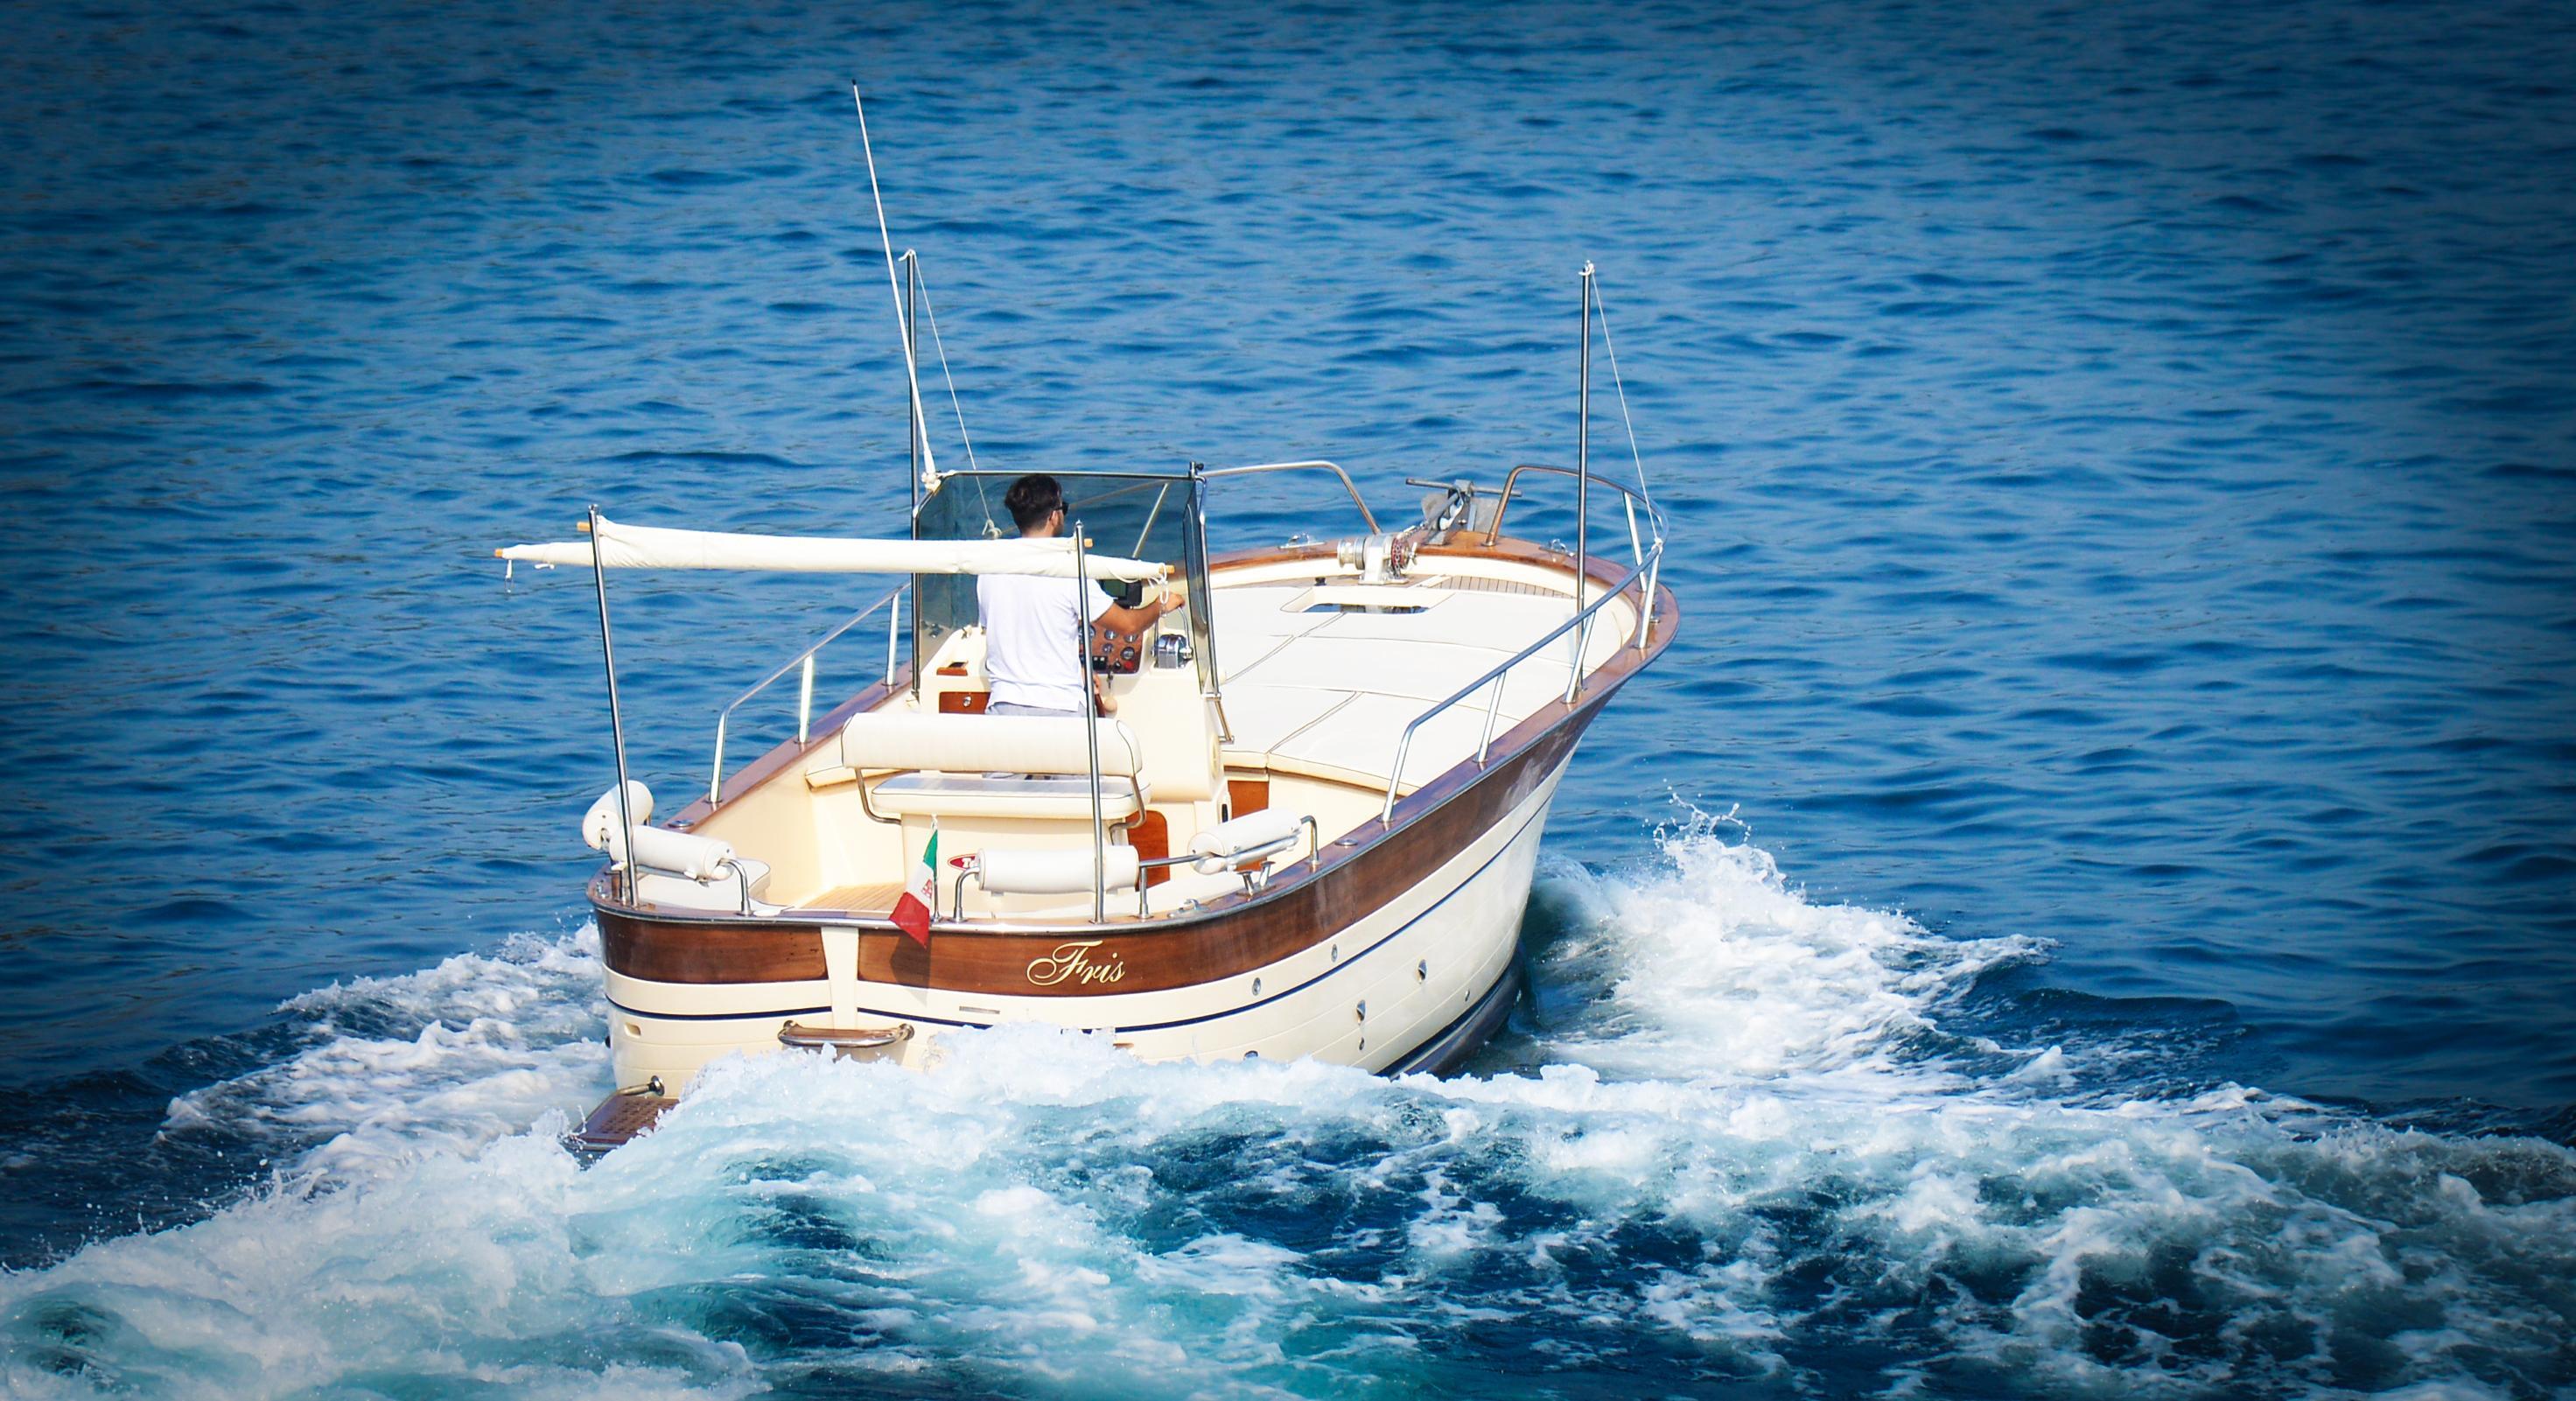 Excursion Boat Sorrento